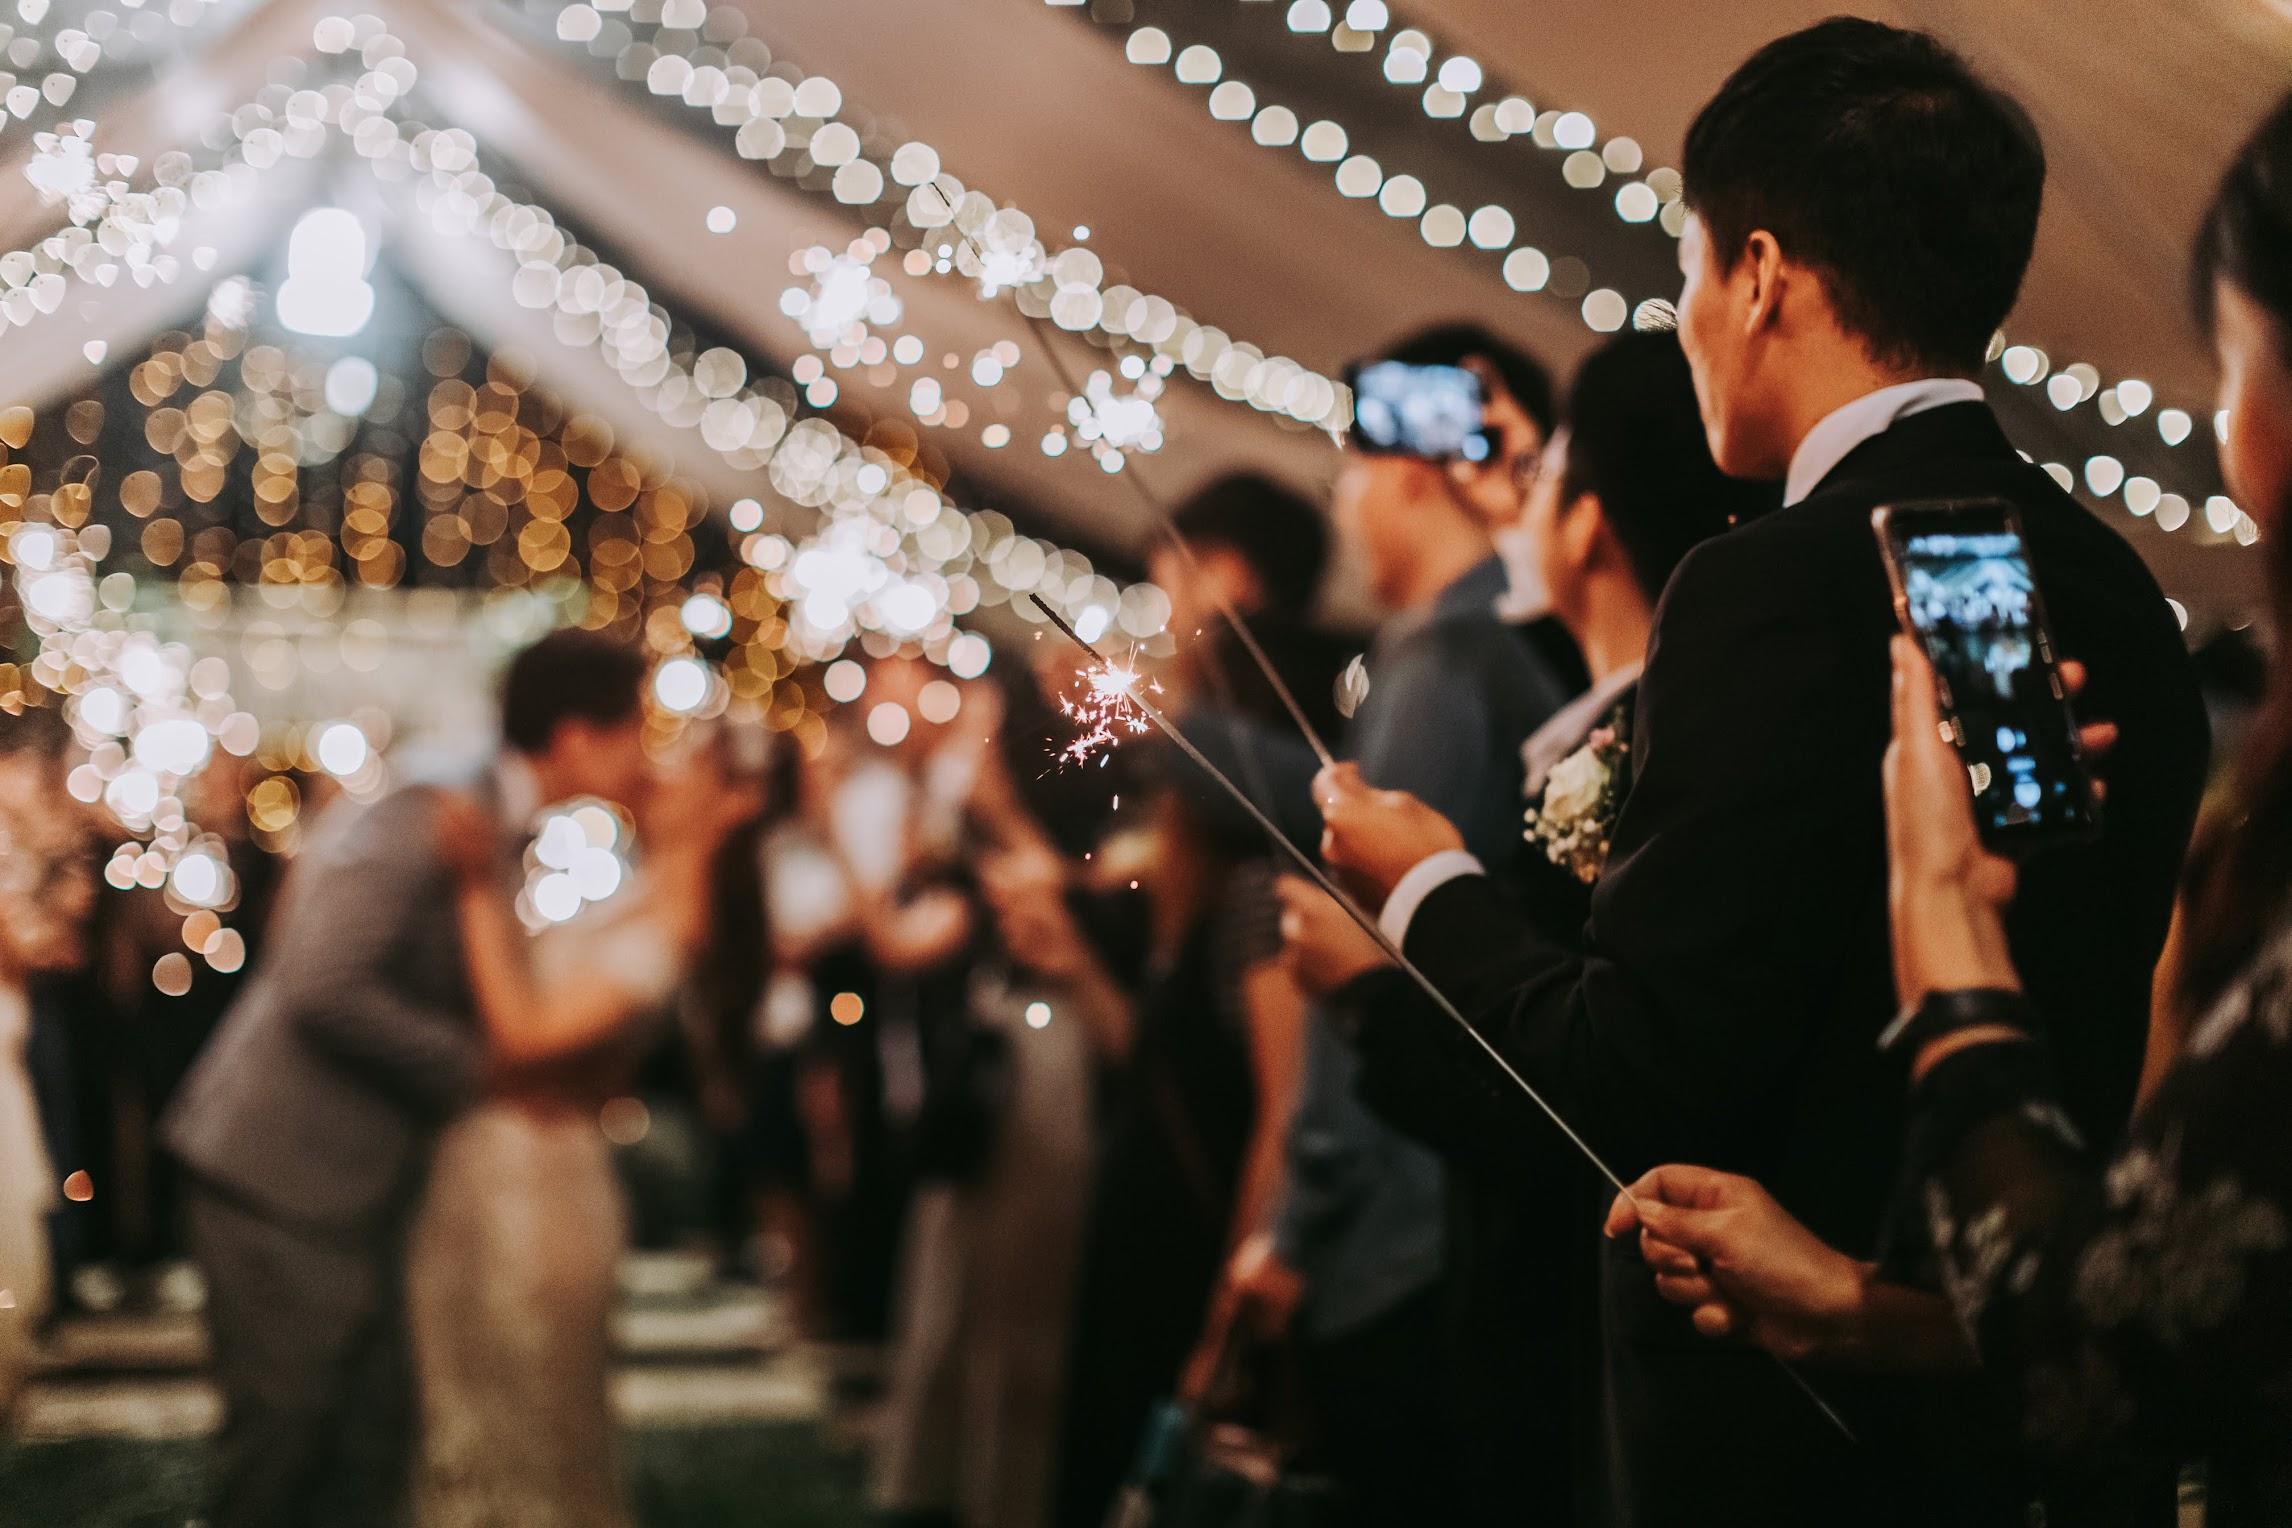 美式台北戶外婚禮場地應該怎麼選?挑選台北婚禮場地前先看這篇!